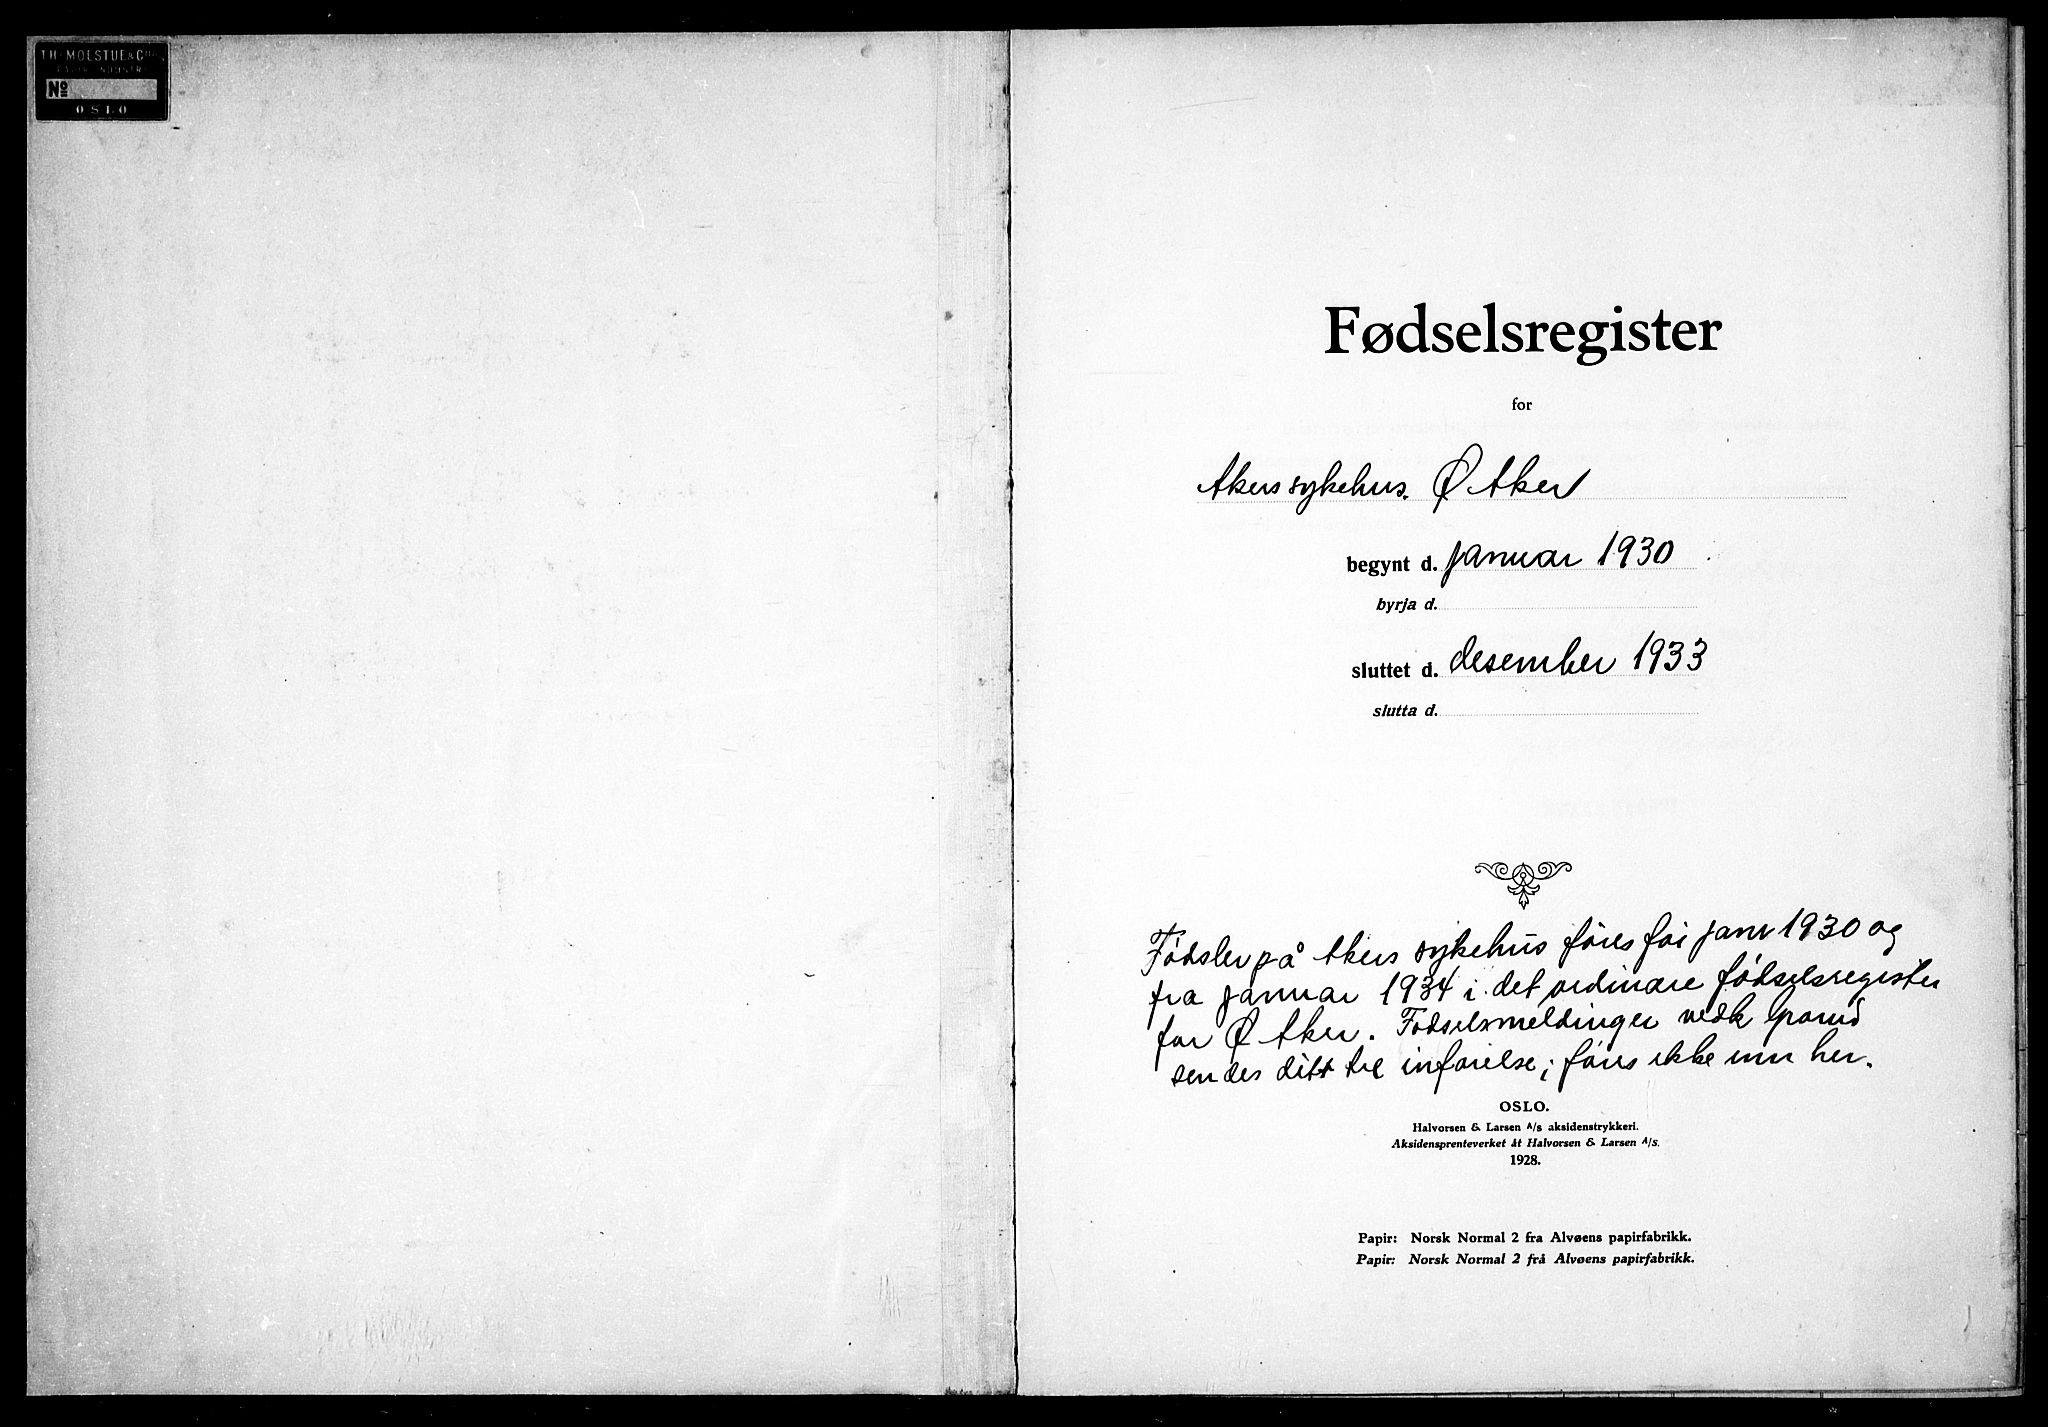 SAO, Østre Aker prestekontor Kirkebøker, J/Ja/L0004: Fødselsregister nr. I 4, 1930-1933